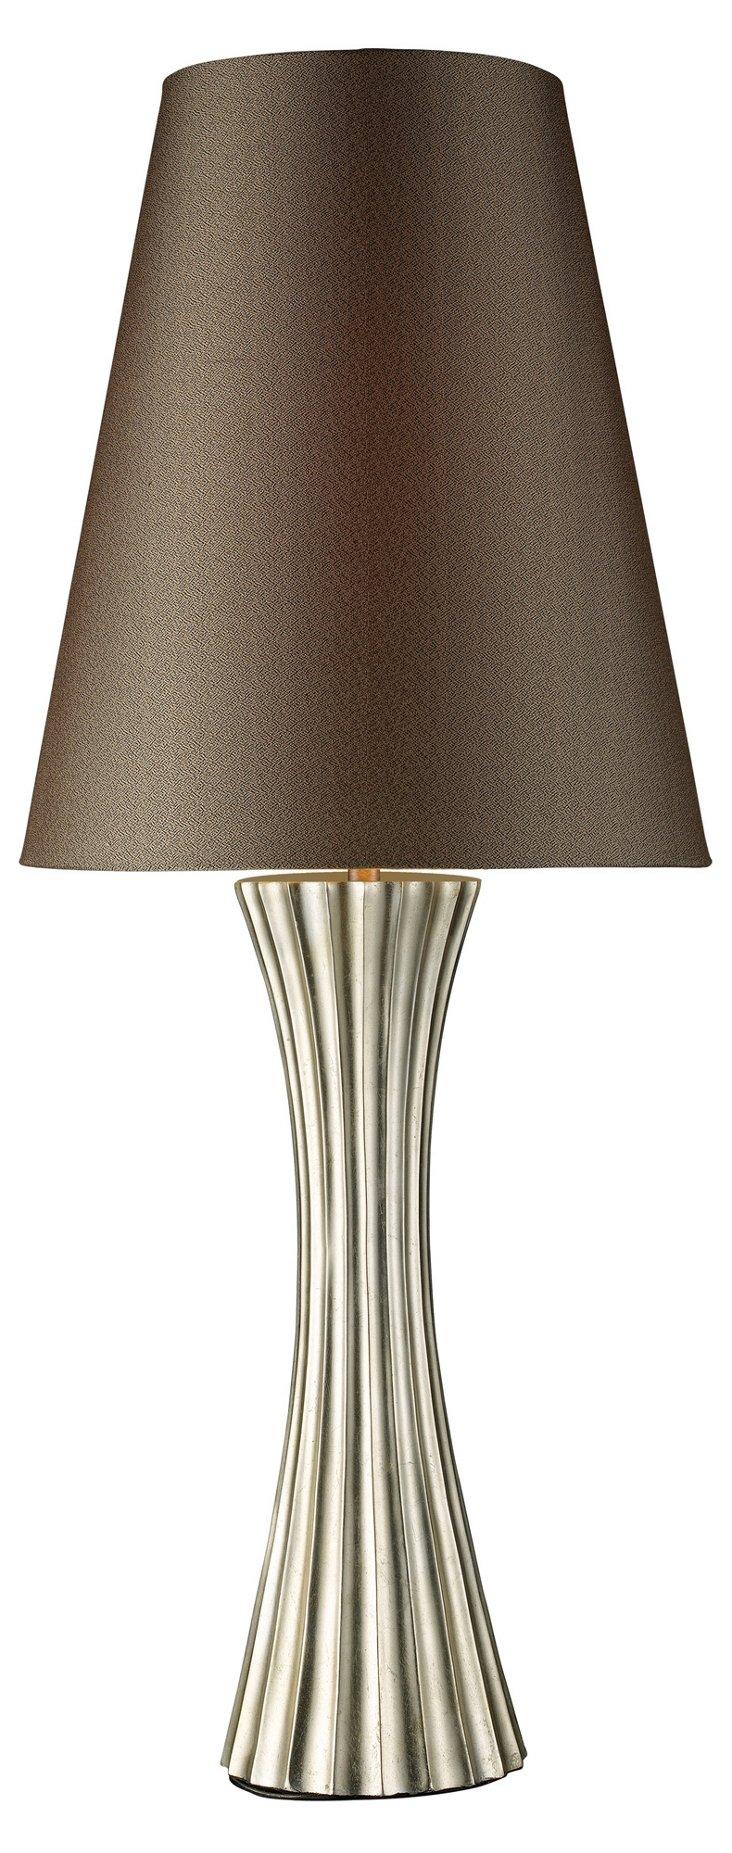 Wilmington Lamp